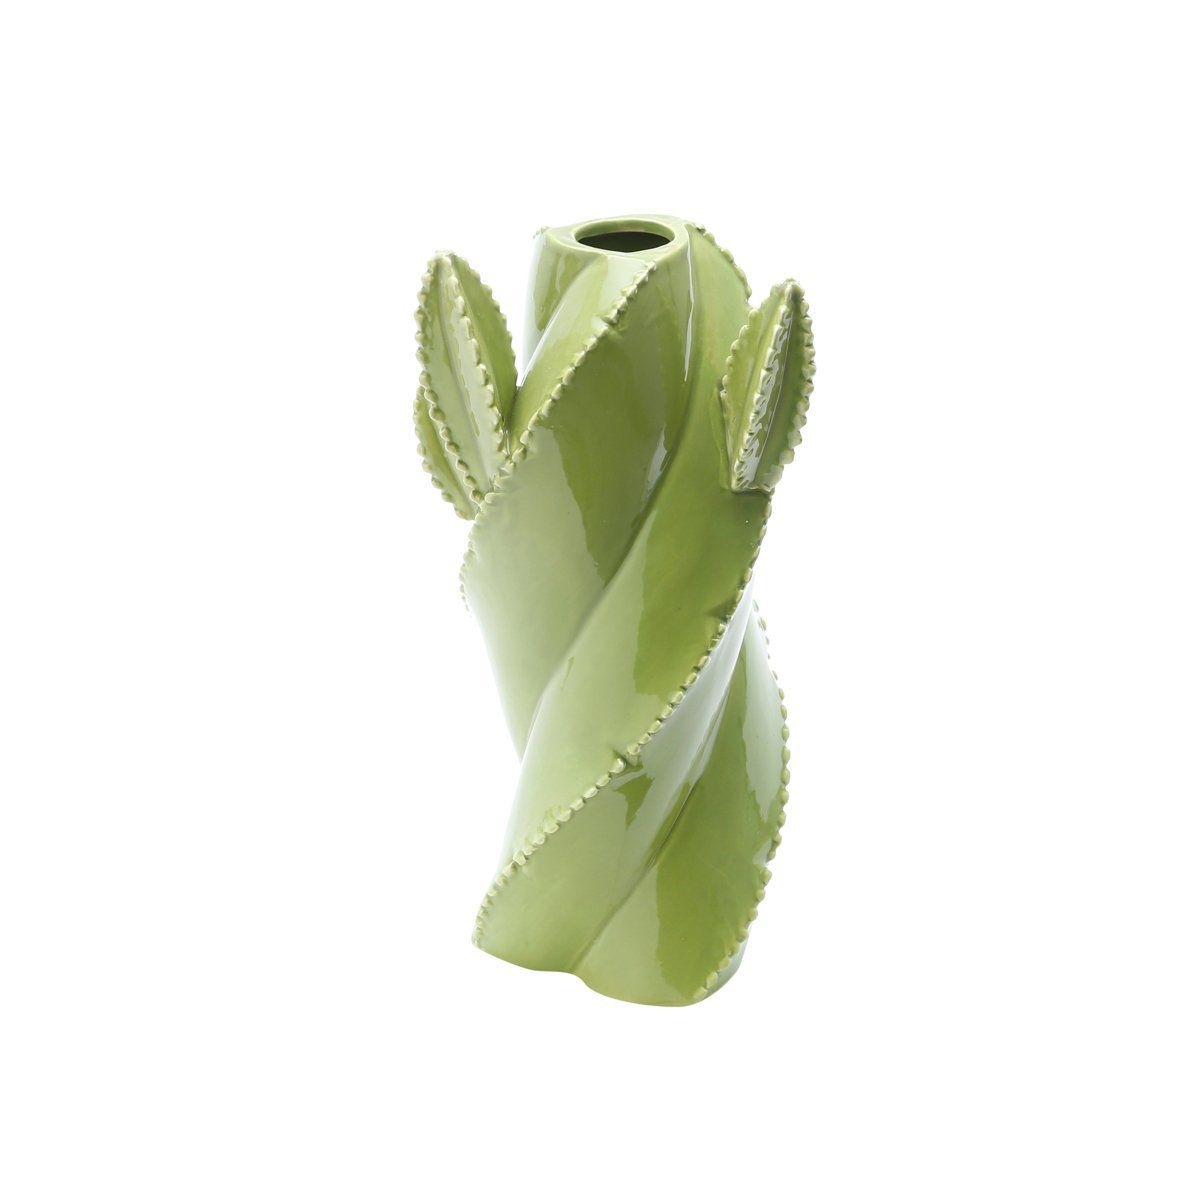 Vaso decorativo 20 cm de cerâmica verde Cactos Prestige - 25661